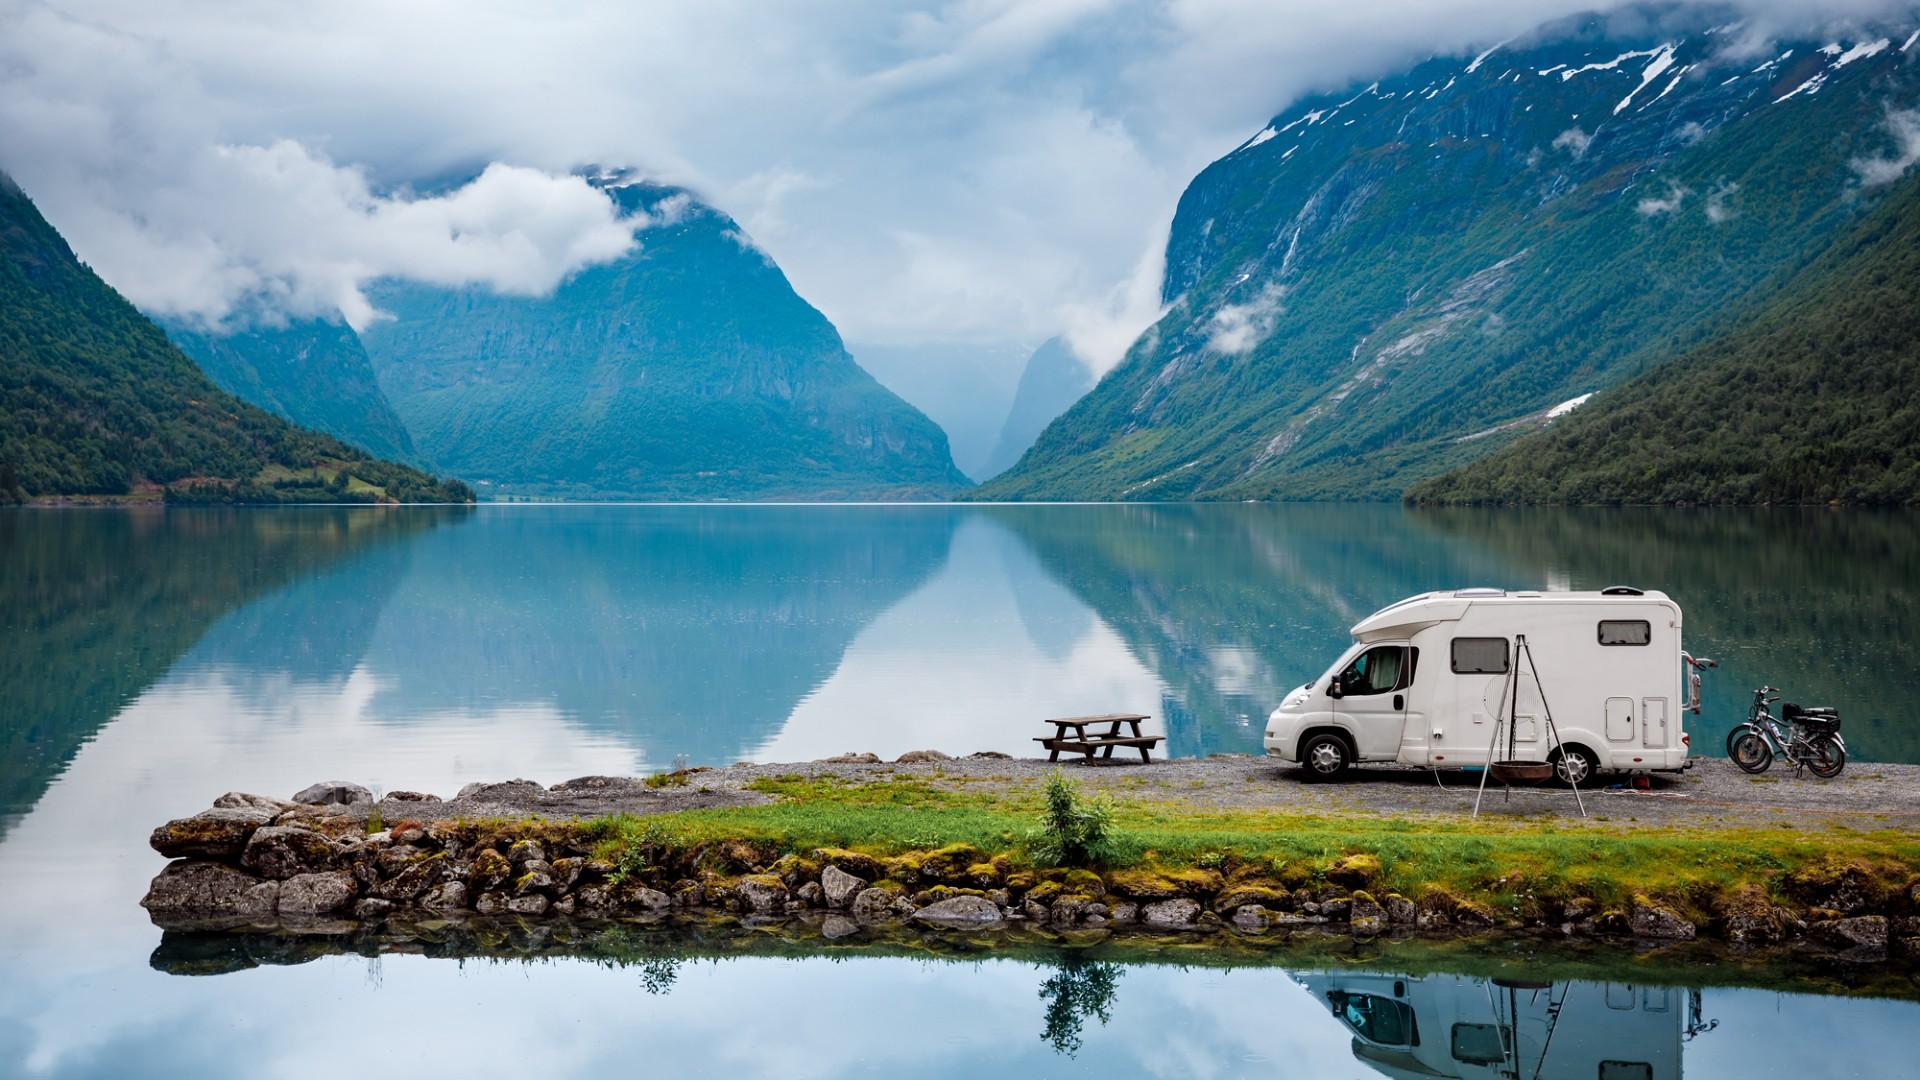 000 caravanas autocaravanas (1)